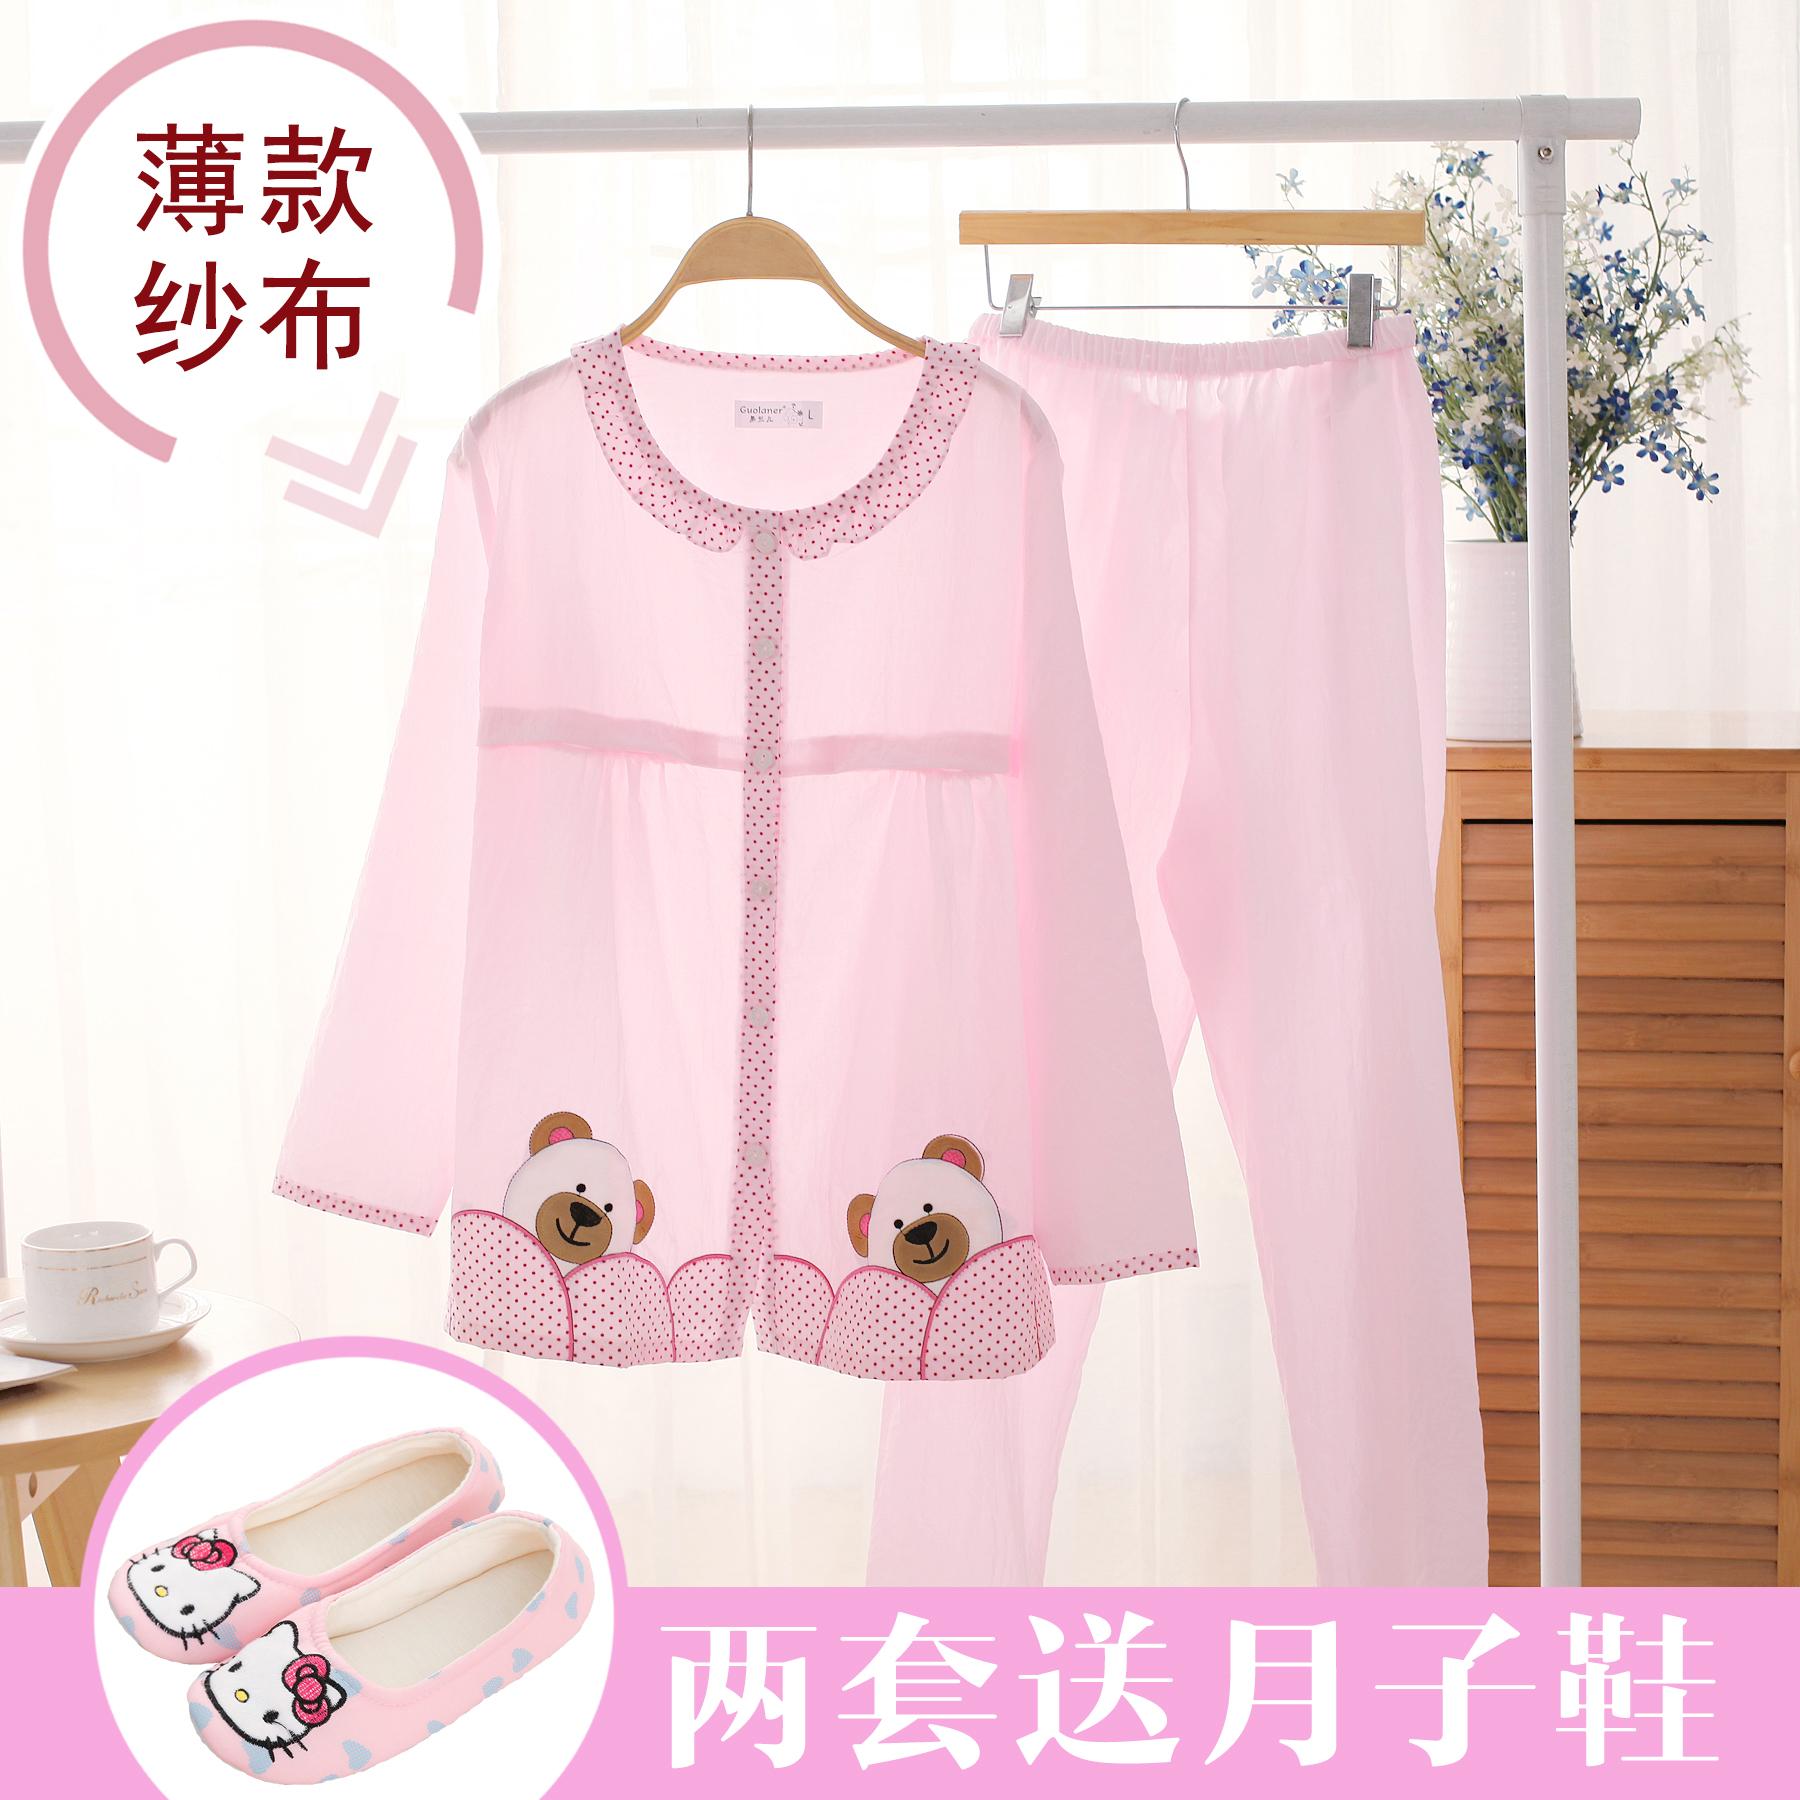 Тонкая модель марля помещение одежды весна сезон послеродовой хлопок беременная женщина грудное вскармливание пижама длинный рукав кардиган свойство женщина подача молоко установите